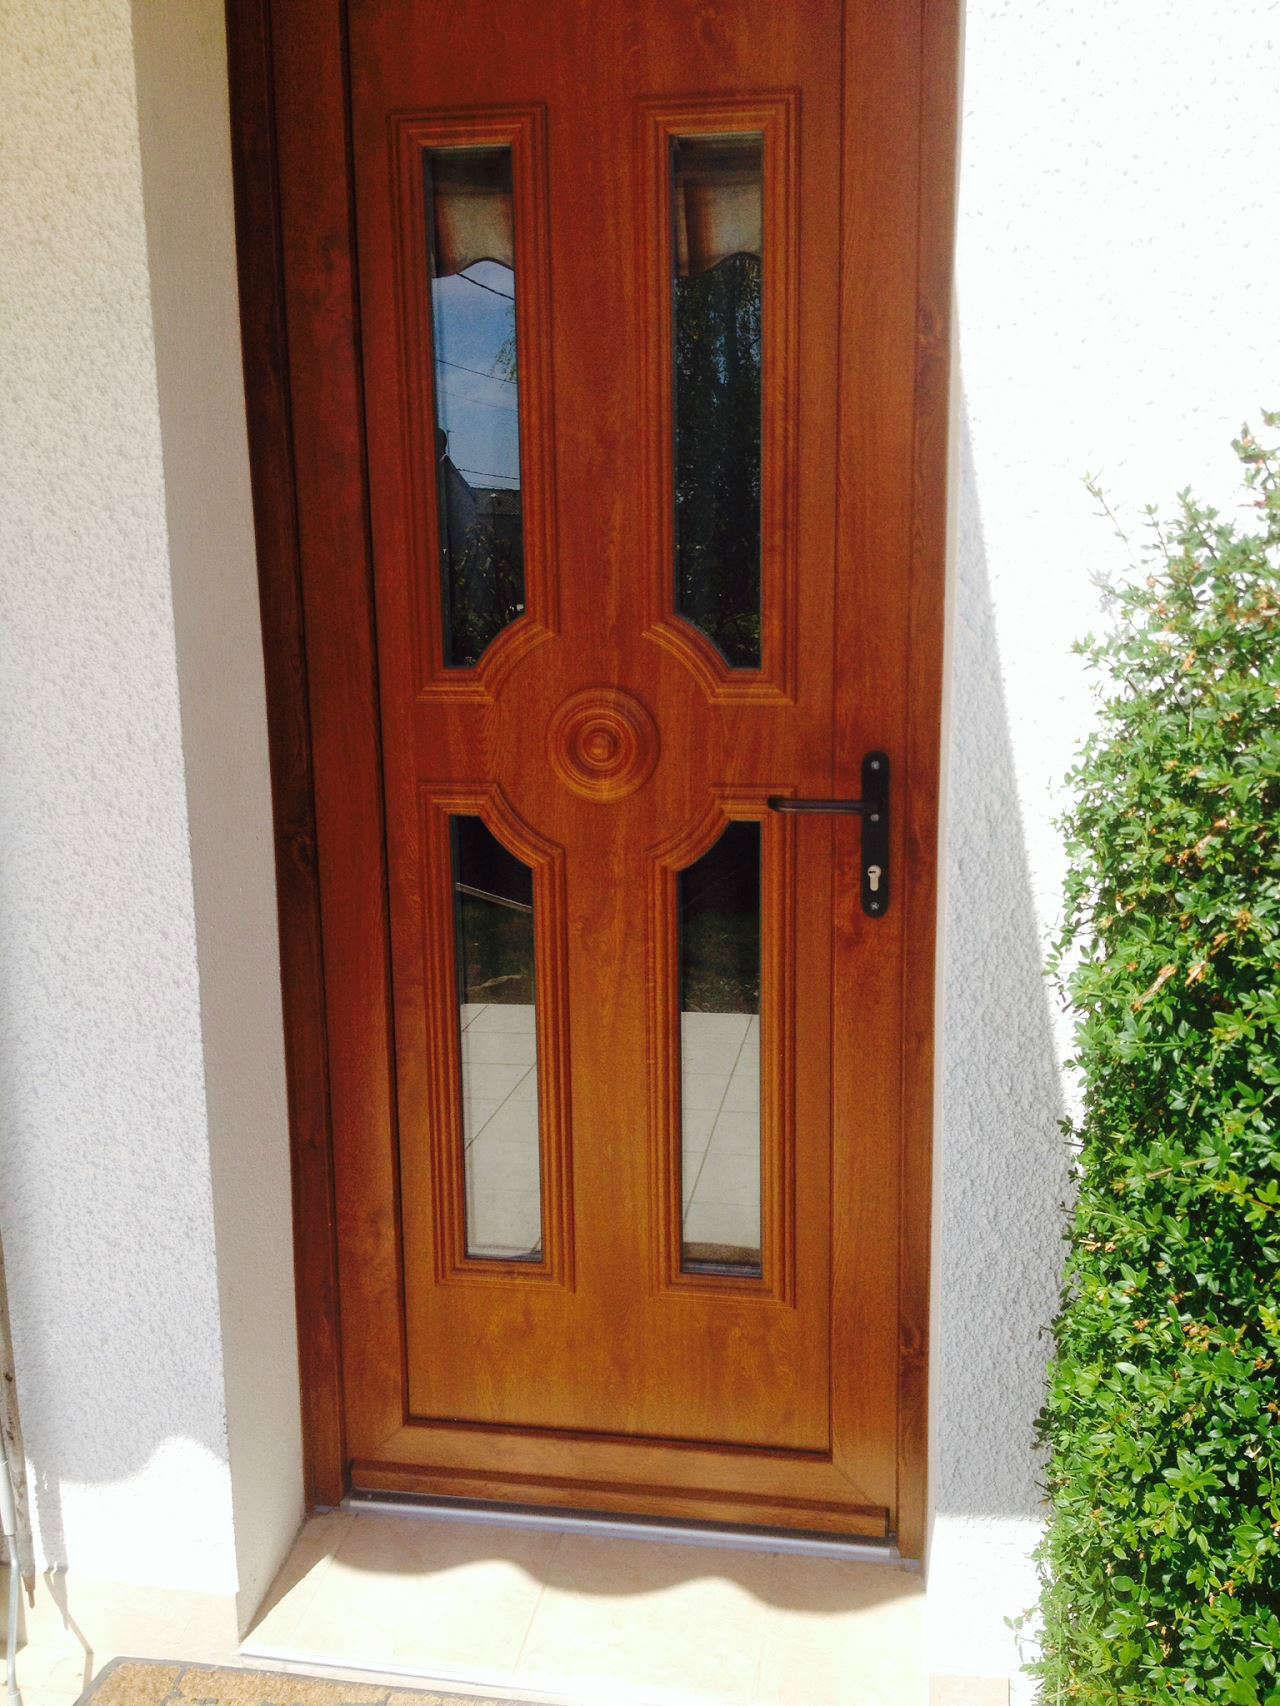 Porte d 39 entr e troyes maytop iso 10 int rieur bois fen tre pvc - Habillage interieur porte d entree ...